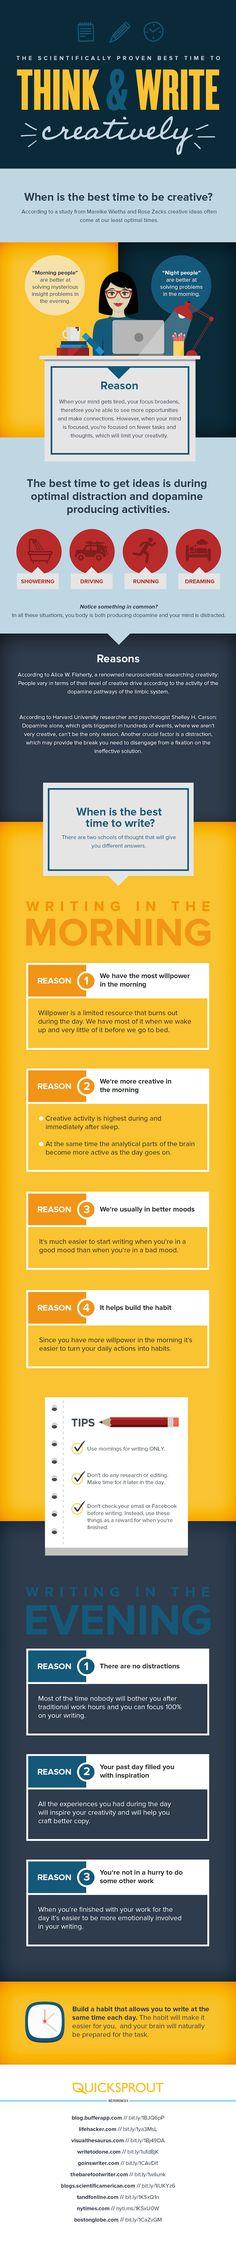 Infographie : Les meilleurs moments pour écrire et être créatif